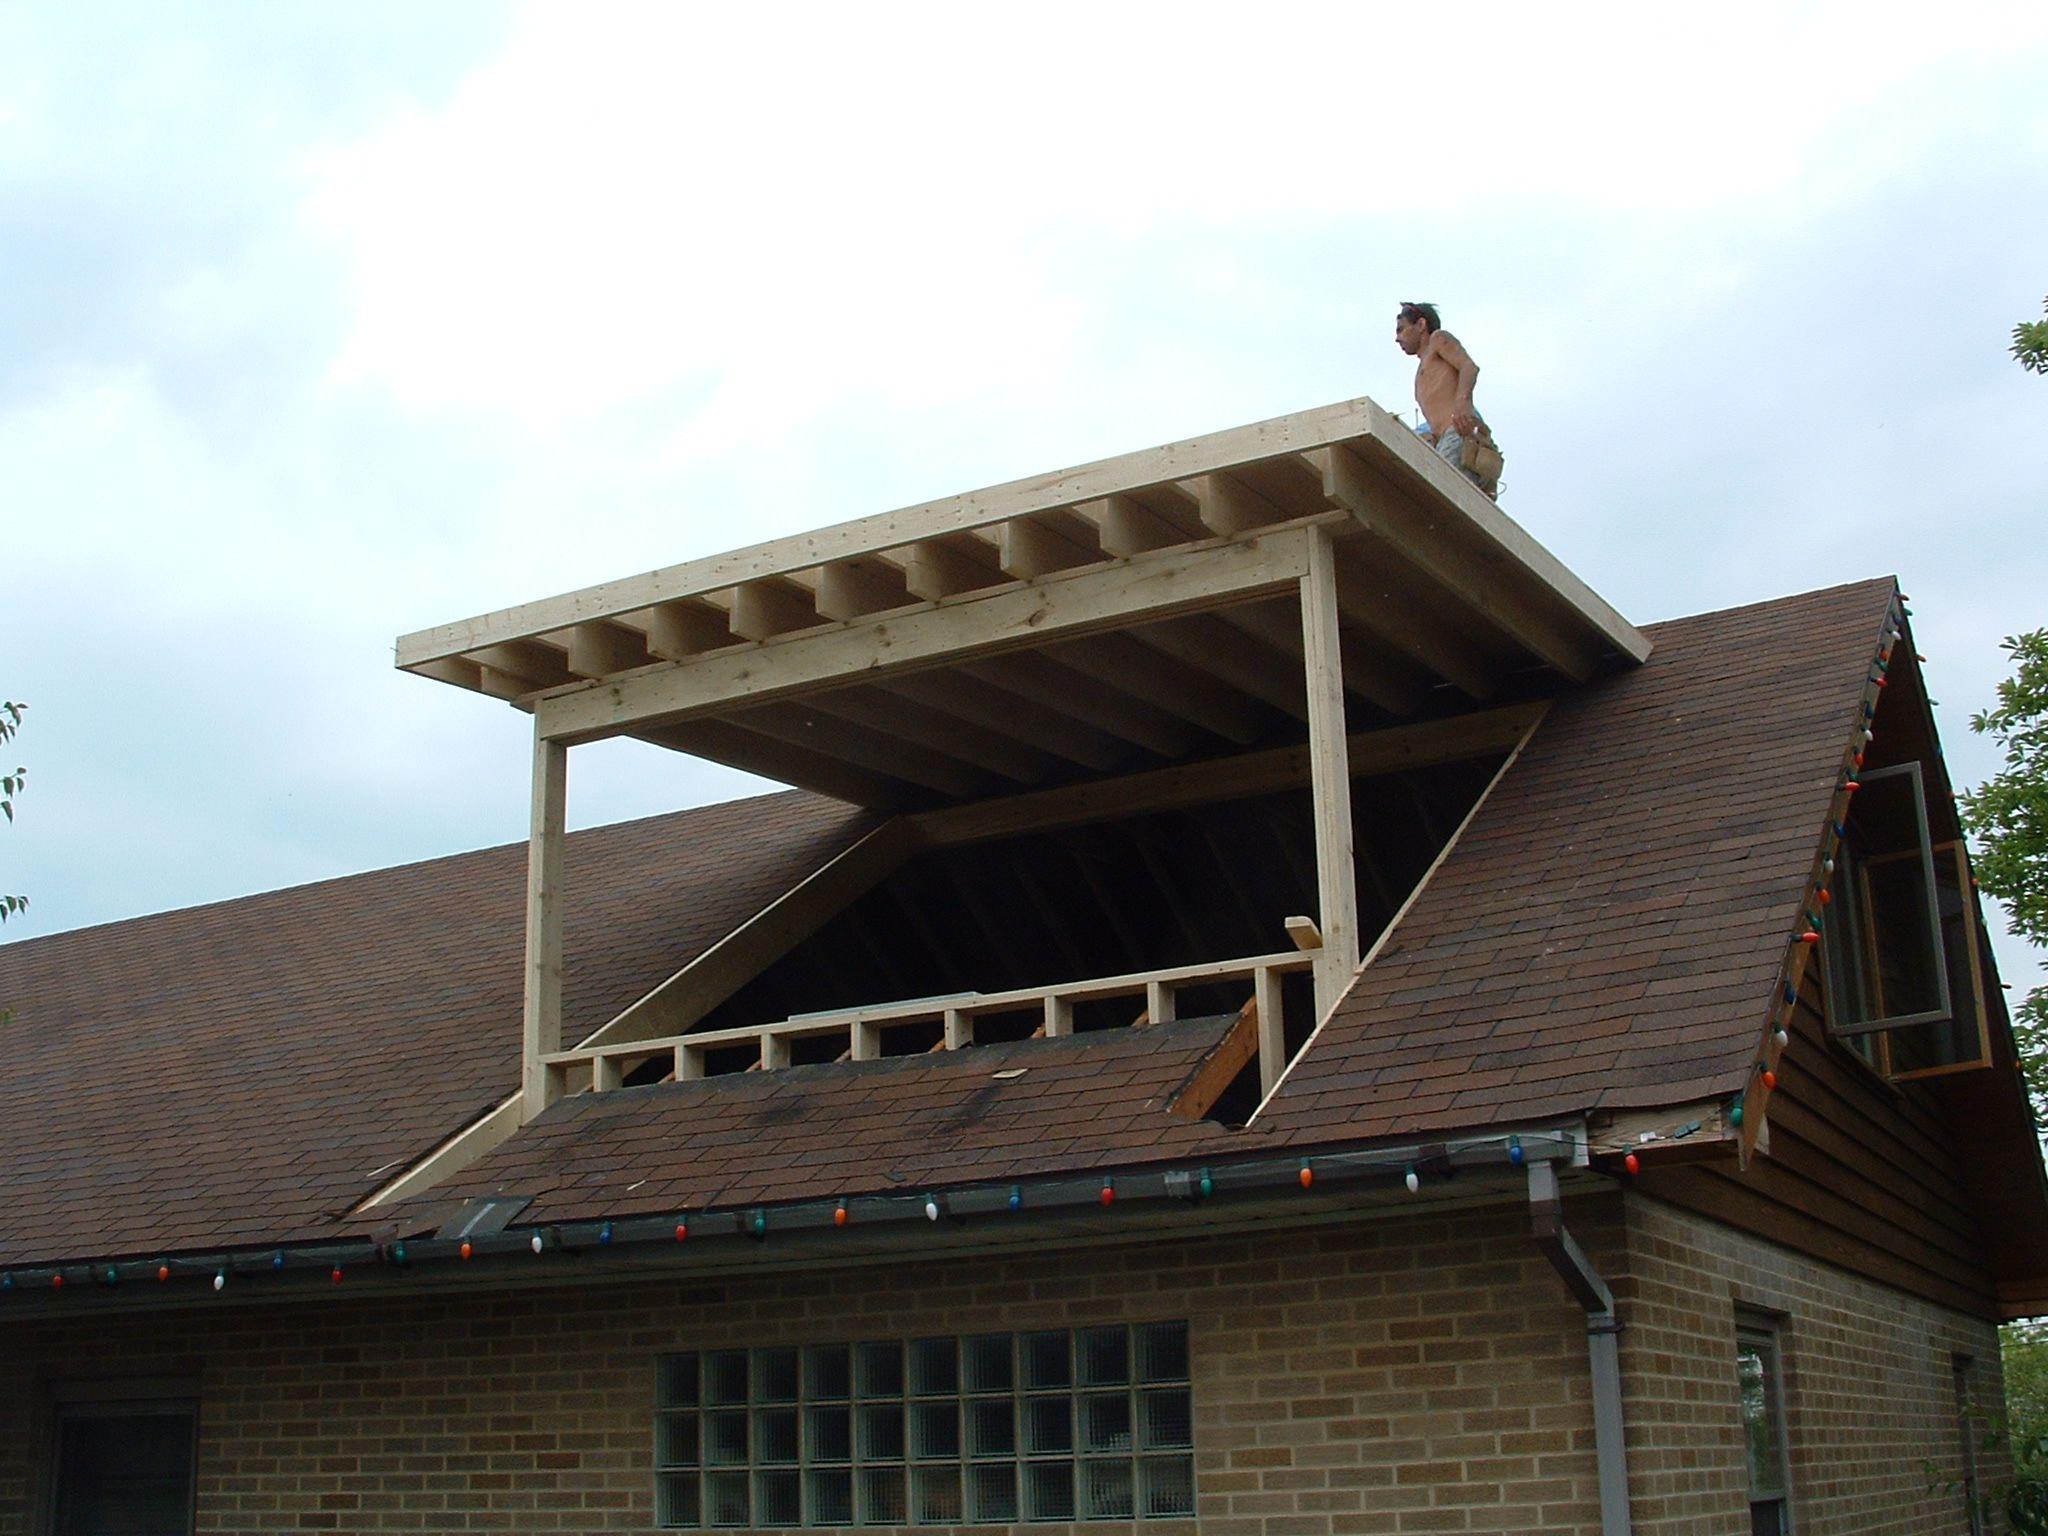 Dormer Framing Existing Roof Dormer Roof Shed Dormer Attic Renovation